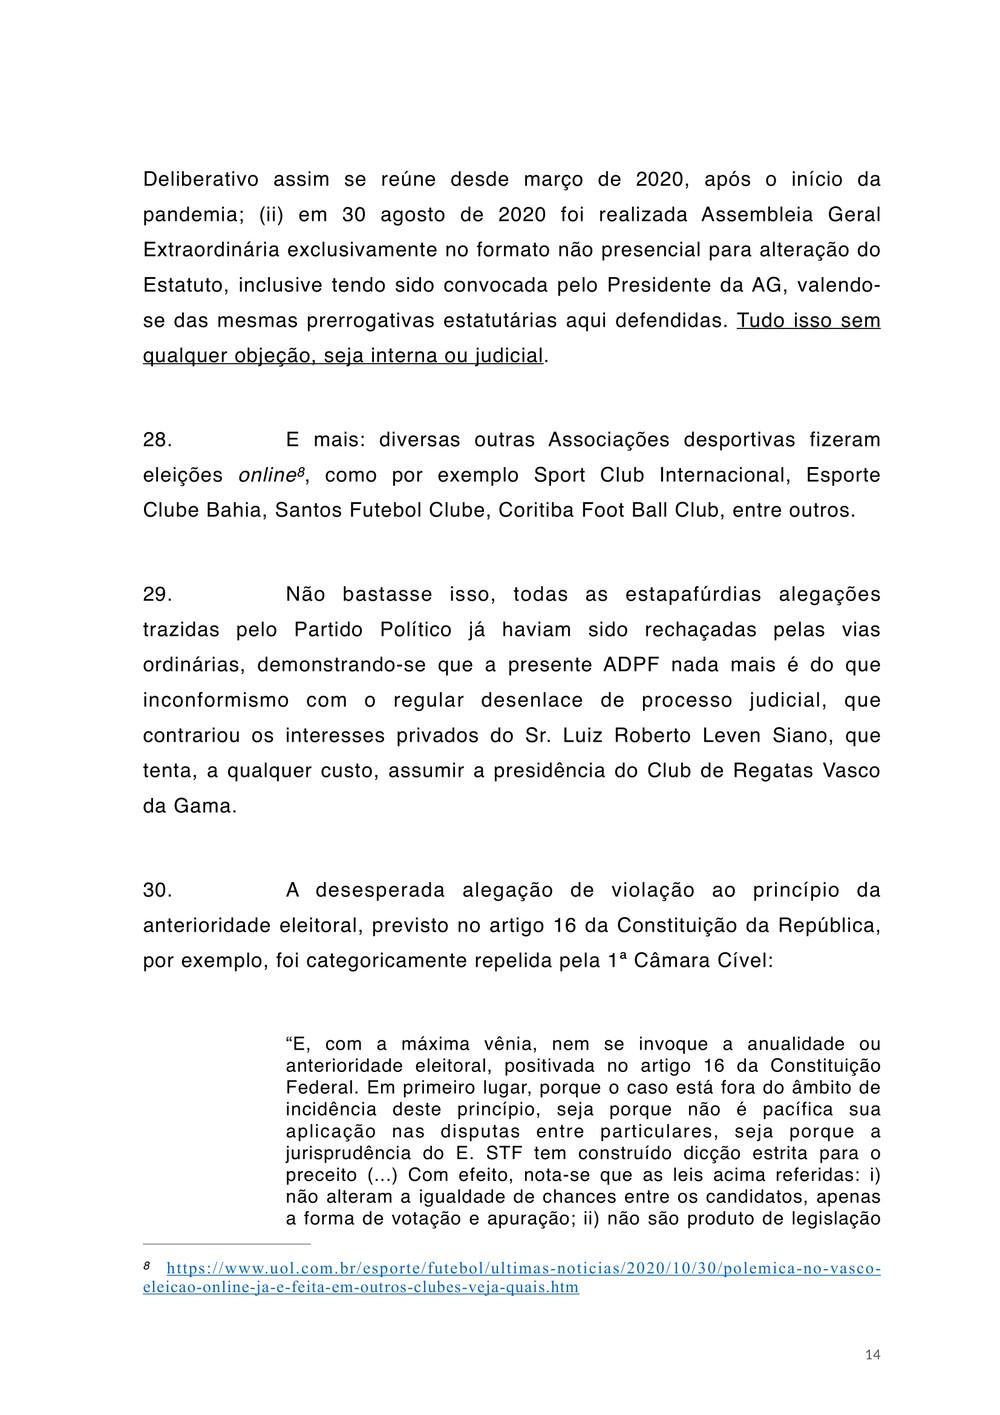 No item 29, Salgado diz que Leven Siano tenta assumir a presidência do Vasco a qualquer custo